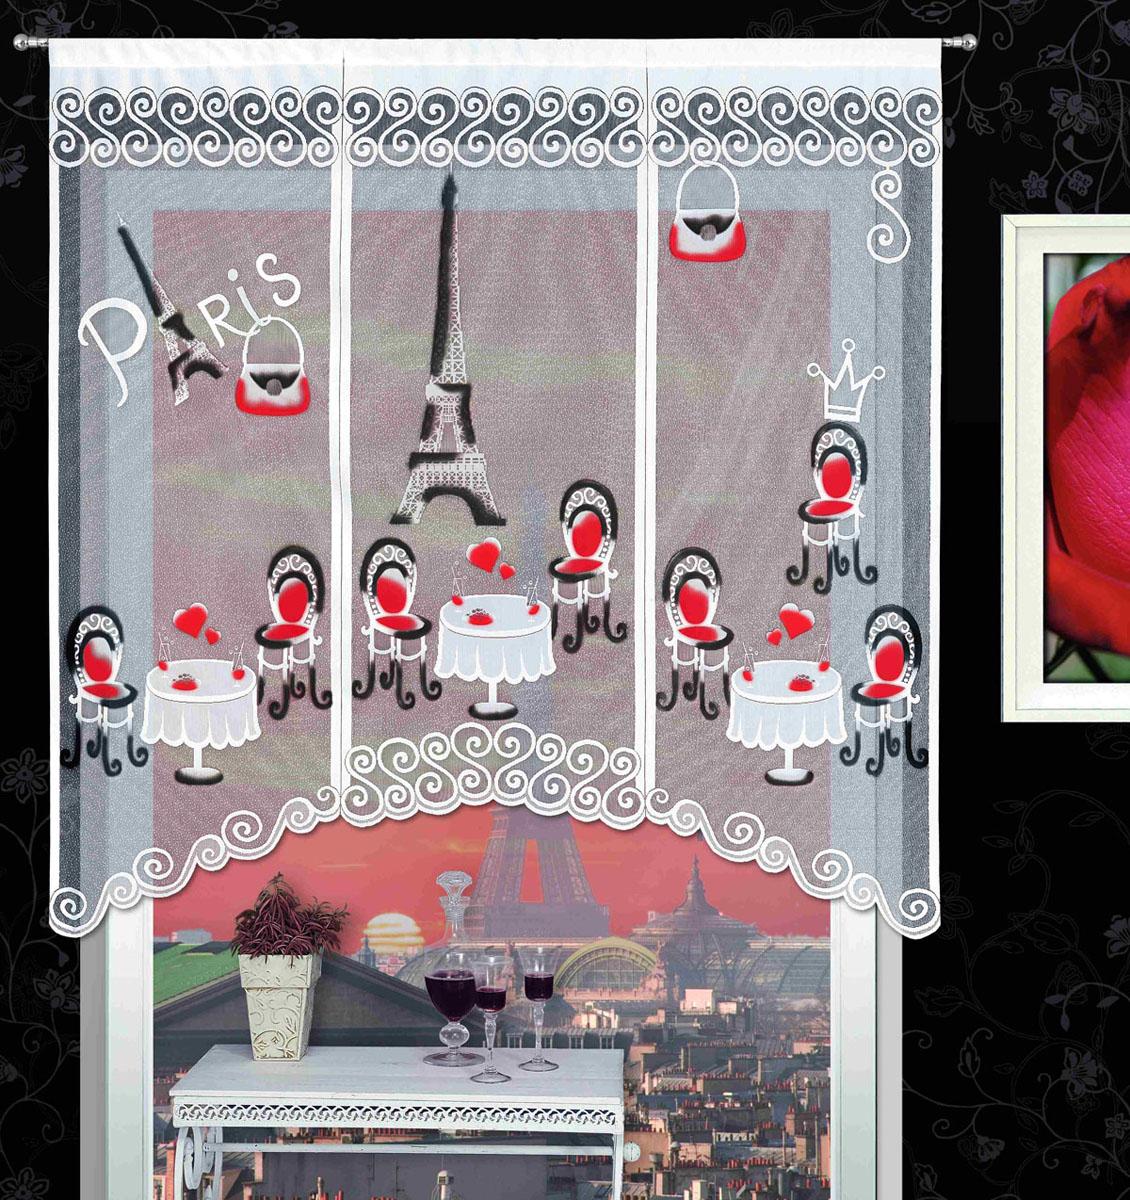 Гардина Kawiarenki, на кулиске, цвет: белый, высота 180 см718726Воздушная гардина Kawiarenki, изготовленная из полиэстера белого цвета, станет великолепным украшением любого окна. Оригинальный принт в виде кафе на фоне Эйфелевой башни привлечет к себе внимание и органично впишется в интерьер комнаты. Гардина оснащена кулиской для крепления на круглый карниз. Характеристики:Материал: 100% полиэстер. Размер упаковки:27 см х 34 см х 3 см. Артикул: 718726.В комплект входит:Гардина - 1 шт. Размер (Ш х В): 150 см х 180 см. Фирма Wisan на польском рынке существует уже более пятидесяти лет и является одной из лучших польских фабрик по производству штор и тканей. Ассортимент фирмы представлен готовыми комплектами штор для гостиной, детской, кухни, а также текстилем для кухни (скатерти, салфетки, дорожки, кухонные занавески). Модельный ряд отличает оригинальный дизайн, высокое качество. Ассортимент продукции постоянно пополняется.